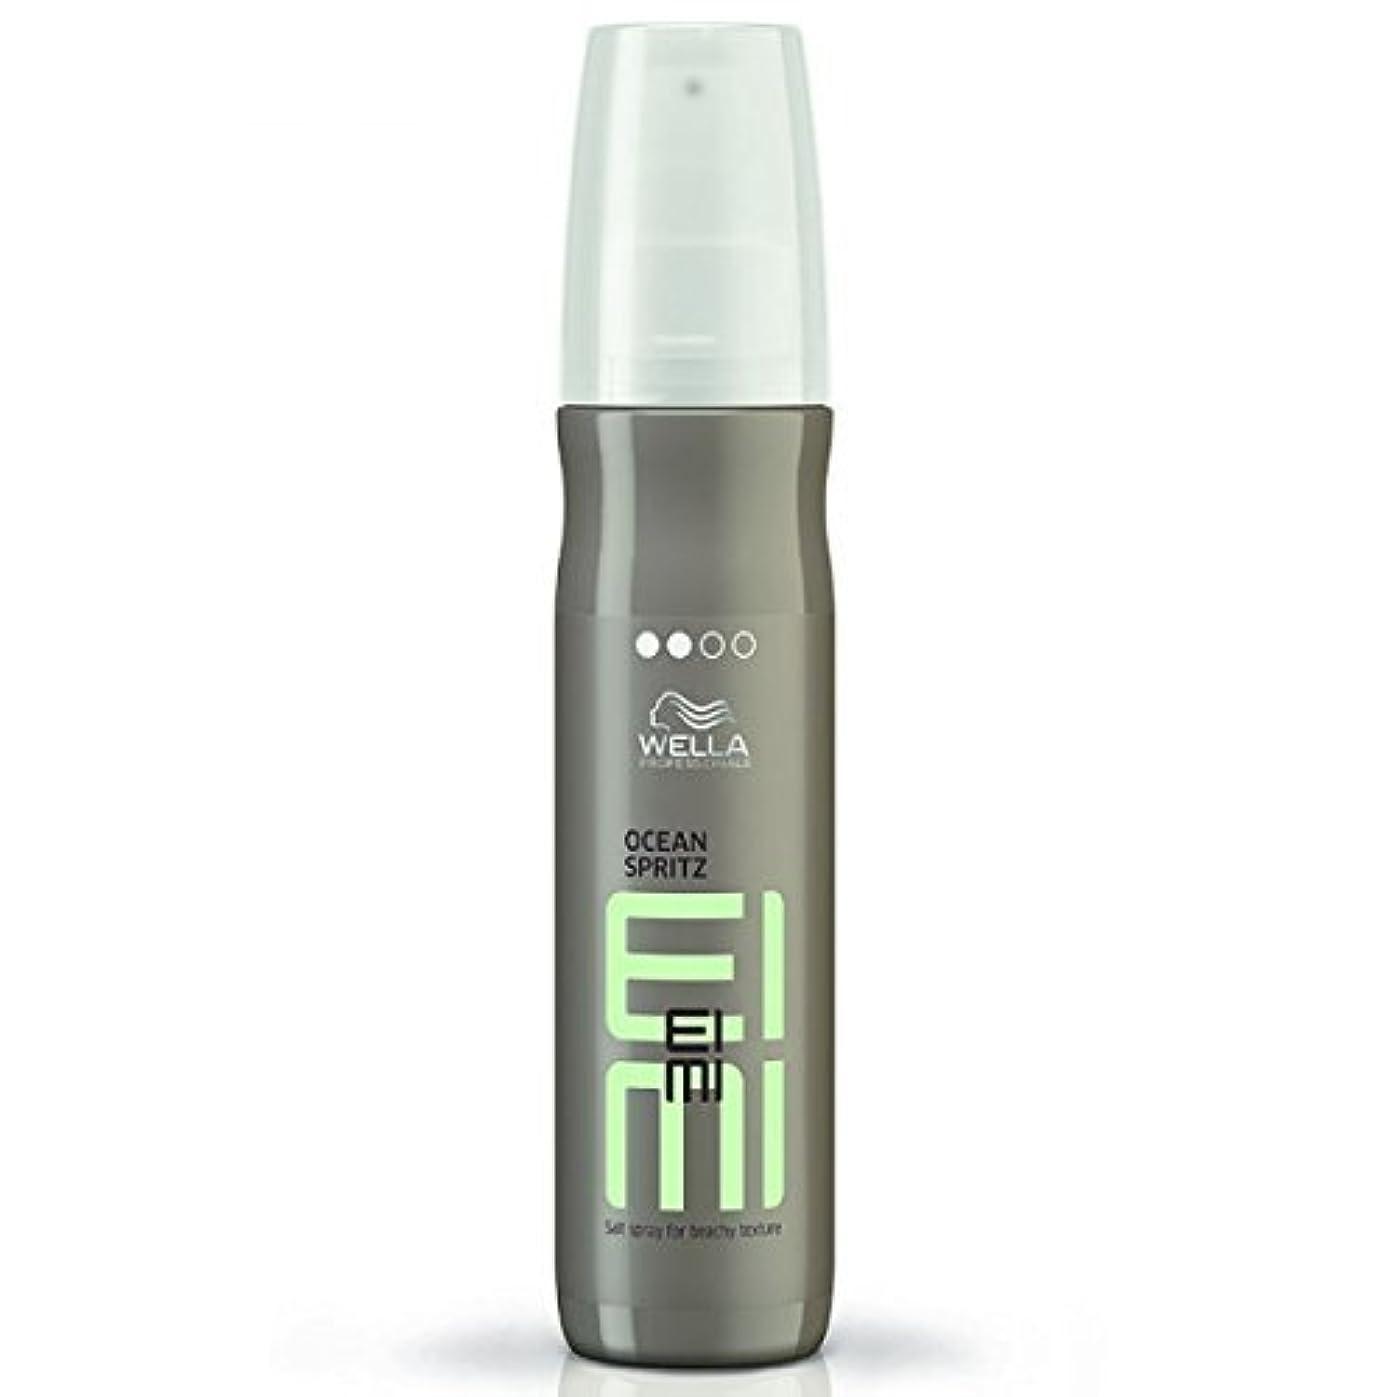 環境に優しいお別れ遅れWella EIMI Ocean Spritz - Salt Spray For Beachy Hair Texture 150 ml [並行輸入品]